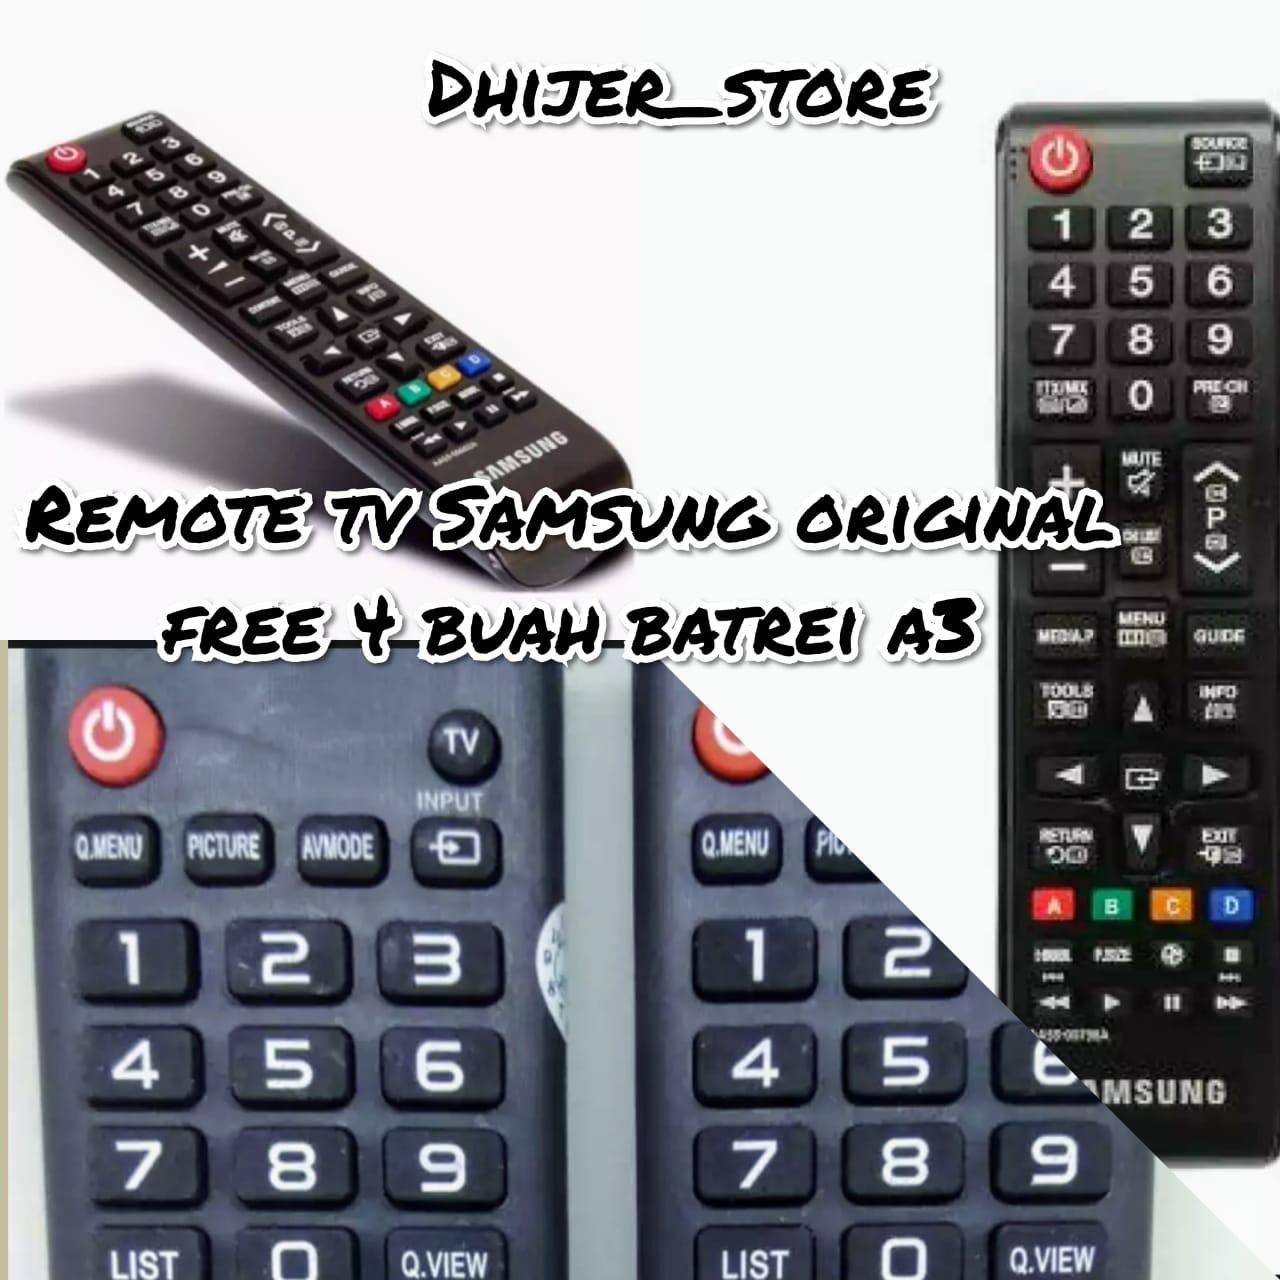 Remote TV Samsung Original 100% - Samsung LCD/LED Remote TV + Free 4 Buah Batrei a3.